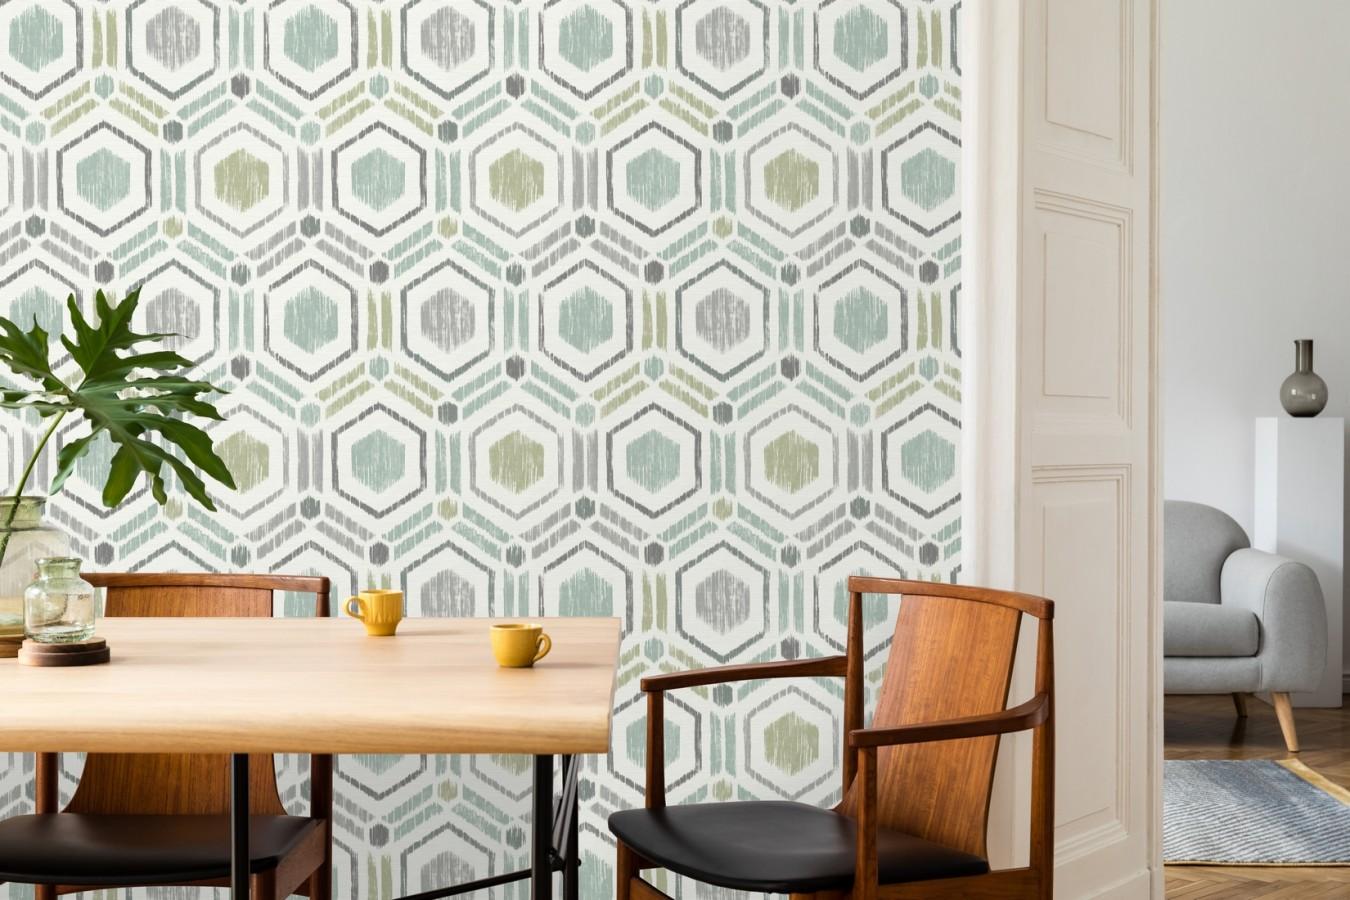 Papel pintado geométrico de hexágonos concéntricos tonos turquesa Hagen Etnik 679553